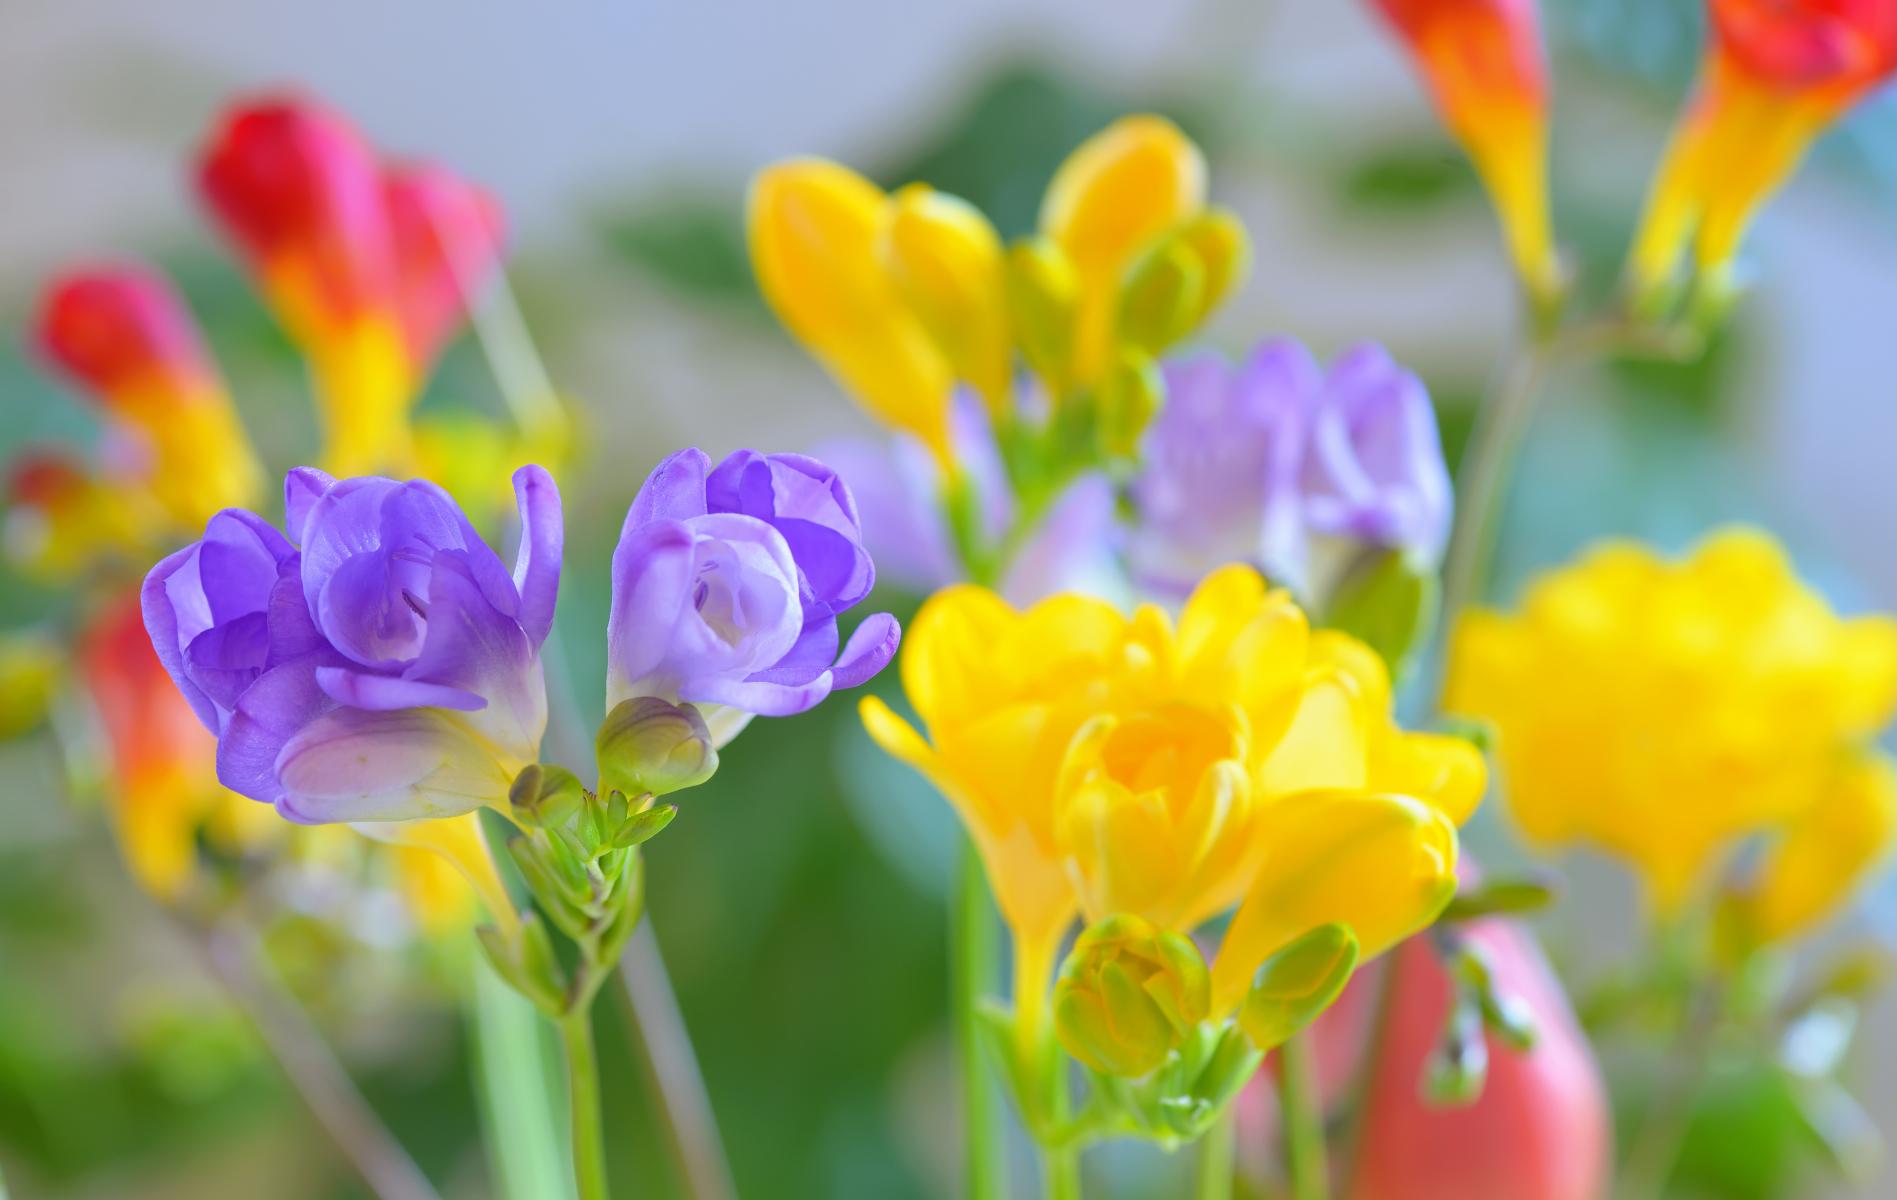 Blomster med lange, smale blader i diverse farger, lilla, gul og rølig